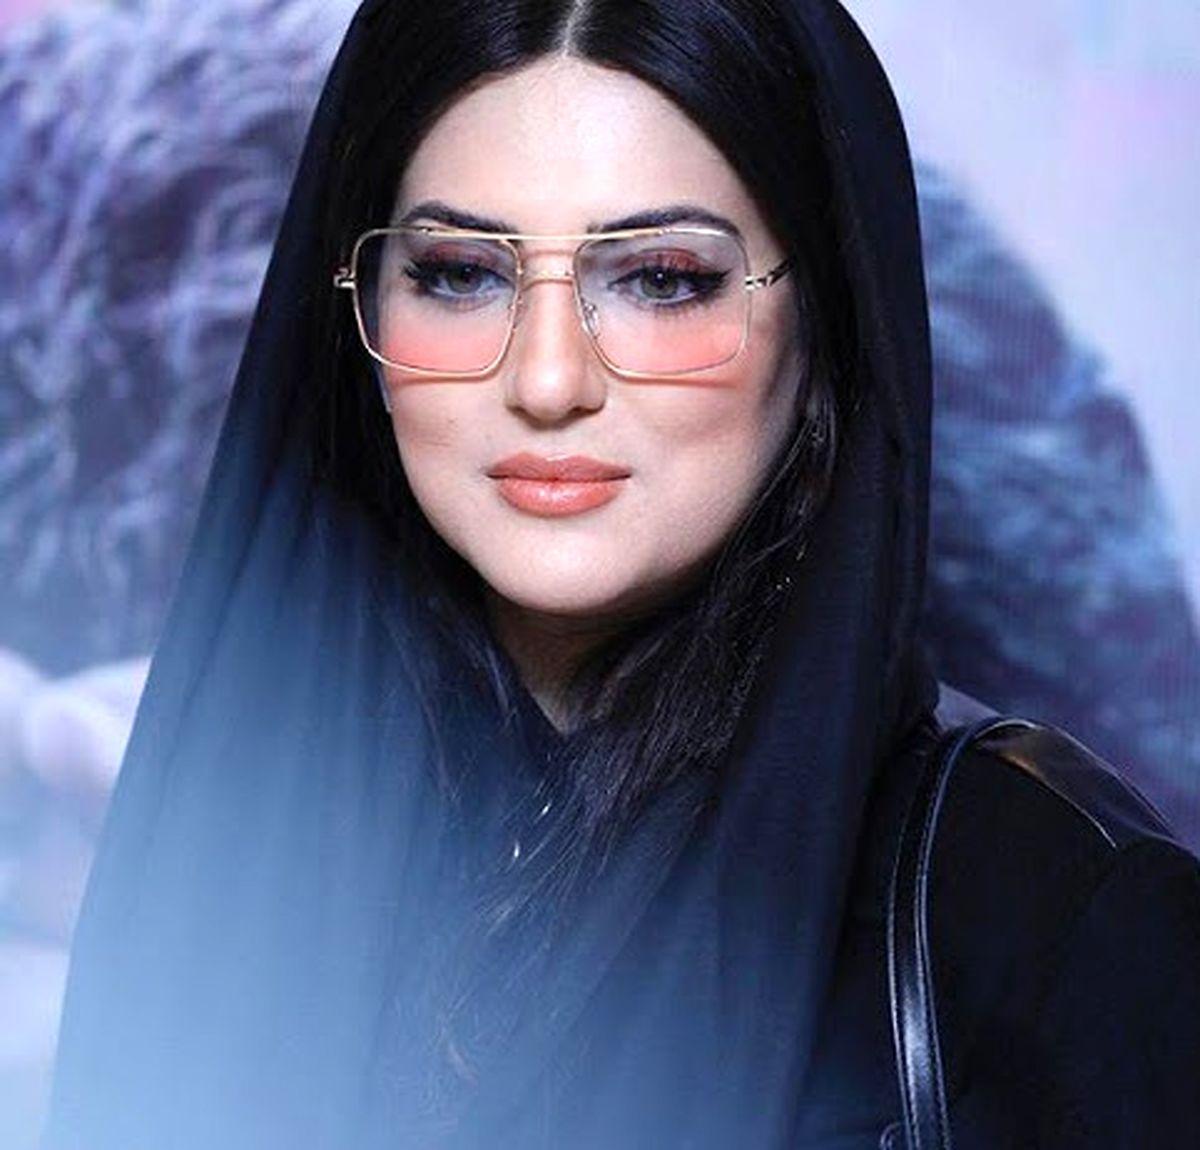 هلیا امامی بازیگر معروف از دردهایش گفت!+عکس دیده نشده